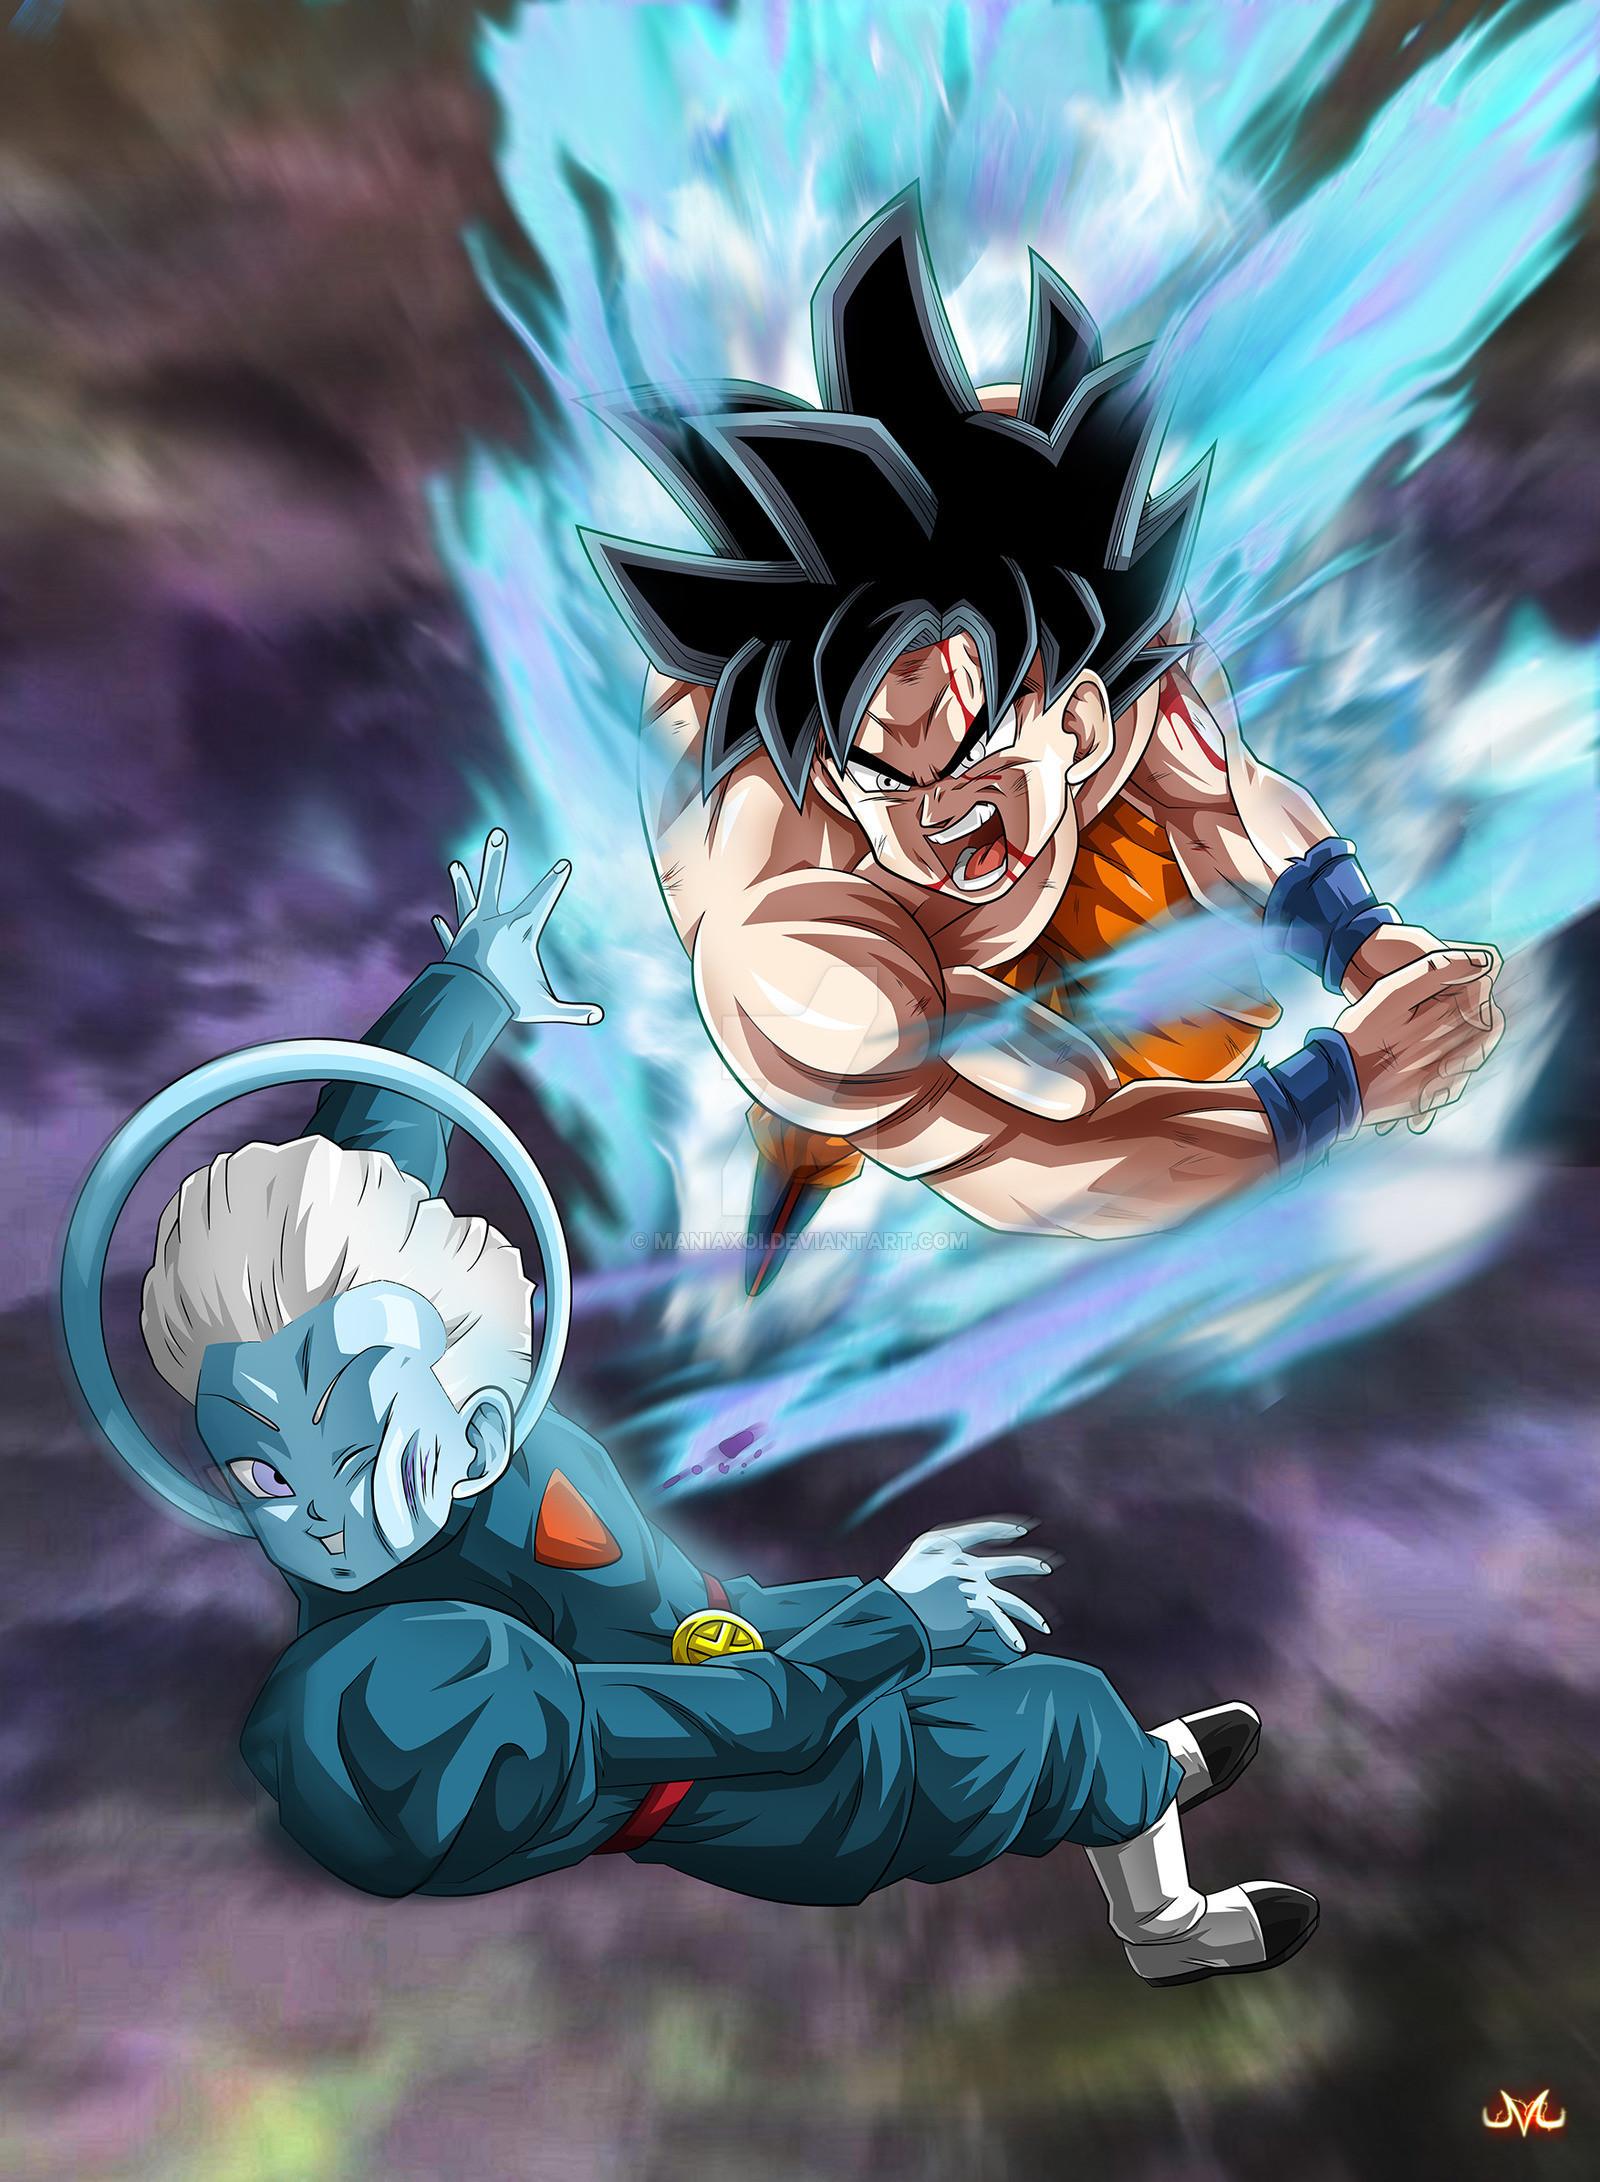 Res: 1600x2182, Ultra Instinct Goku Wallpaper iPhone New Goku Ssj5 Wallpapers 53 Pictures